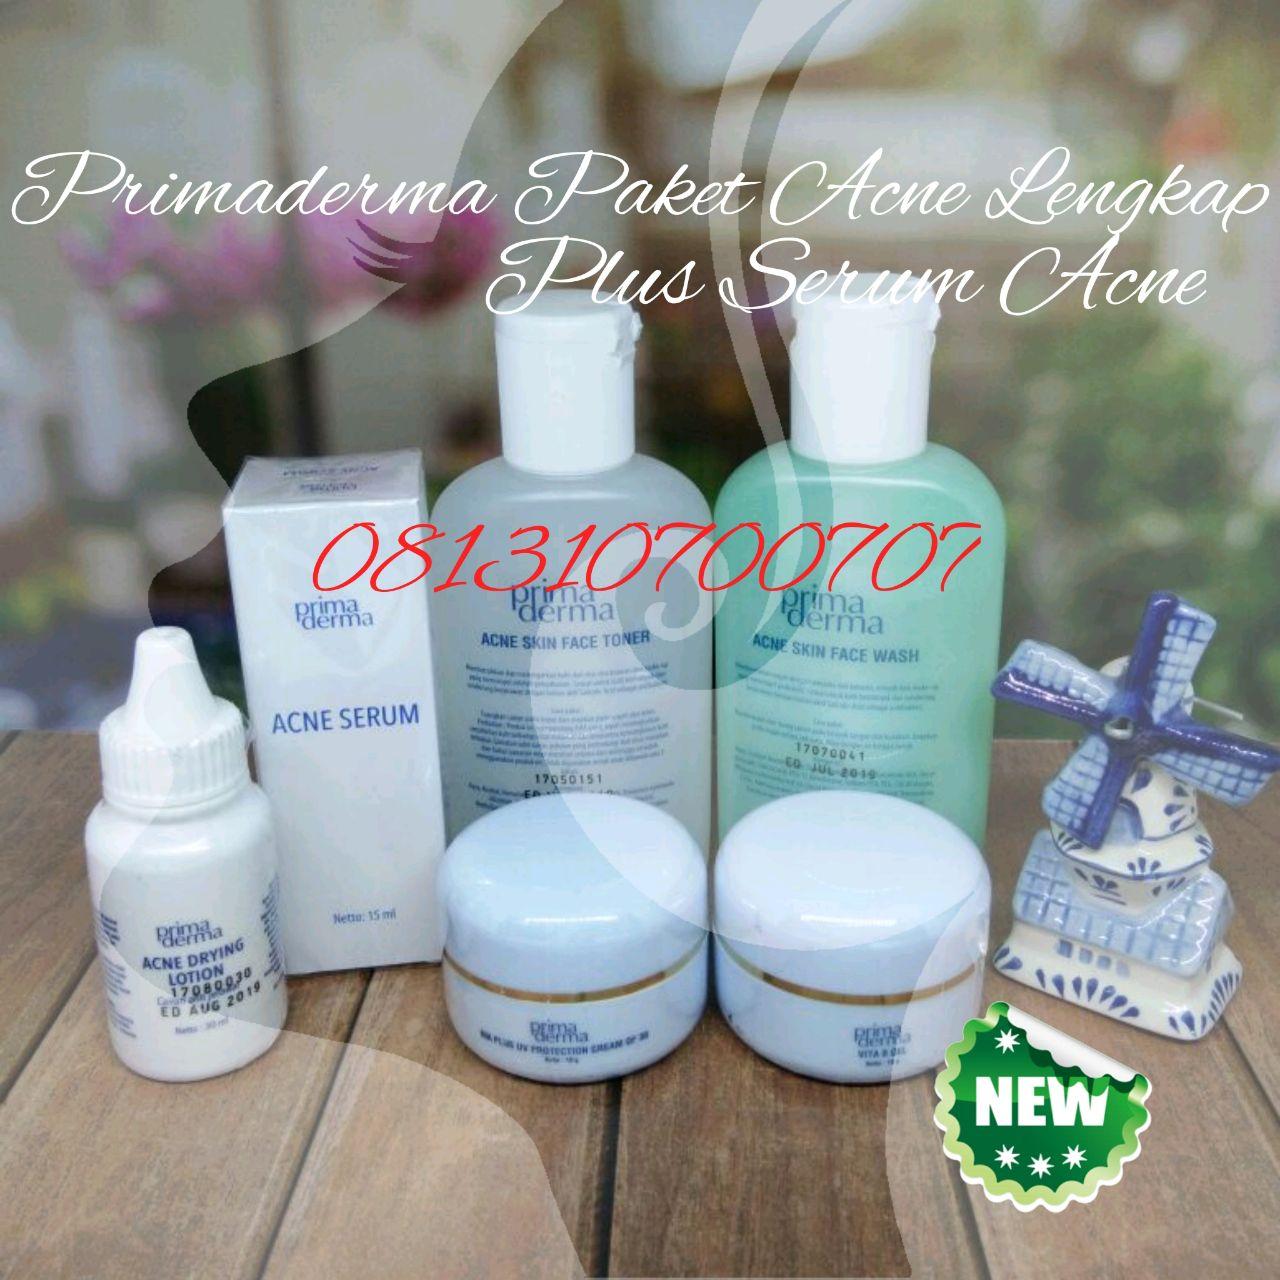 Jual Cream Wajah Theraskin Asli Harga Murah Paket Acne White Lengkap Terbaik Penghilang Bekas Jerawat Pemutih Alami Krim Perawatan